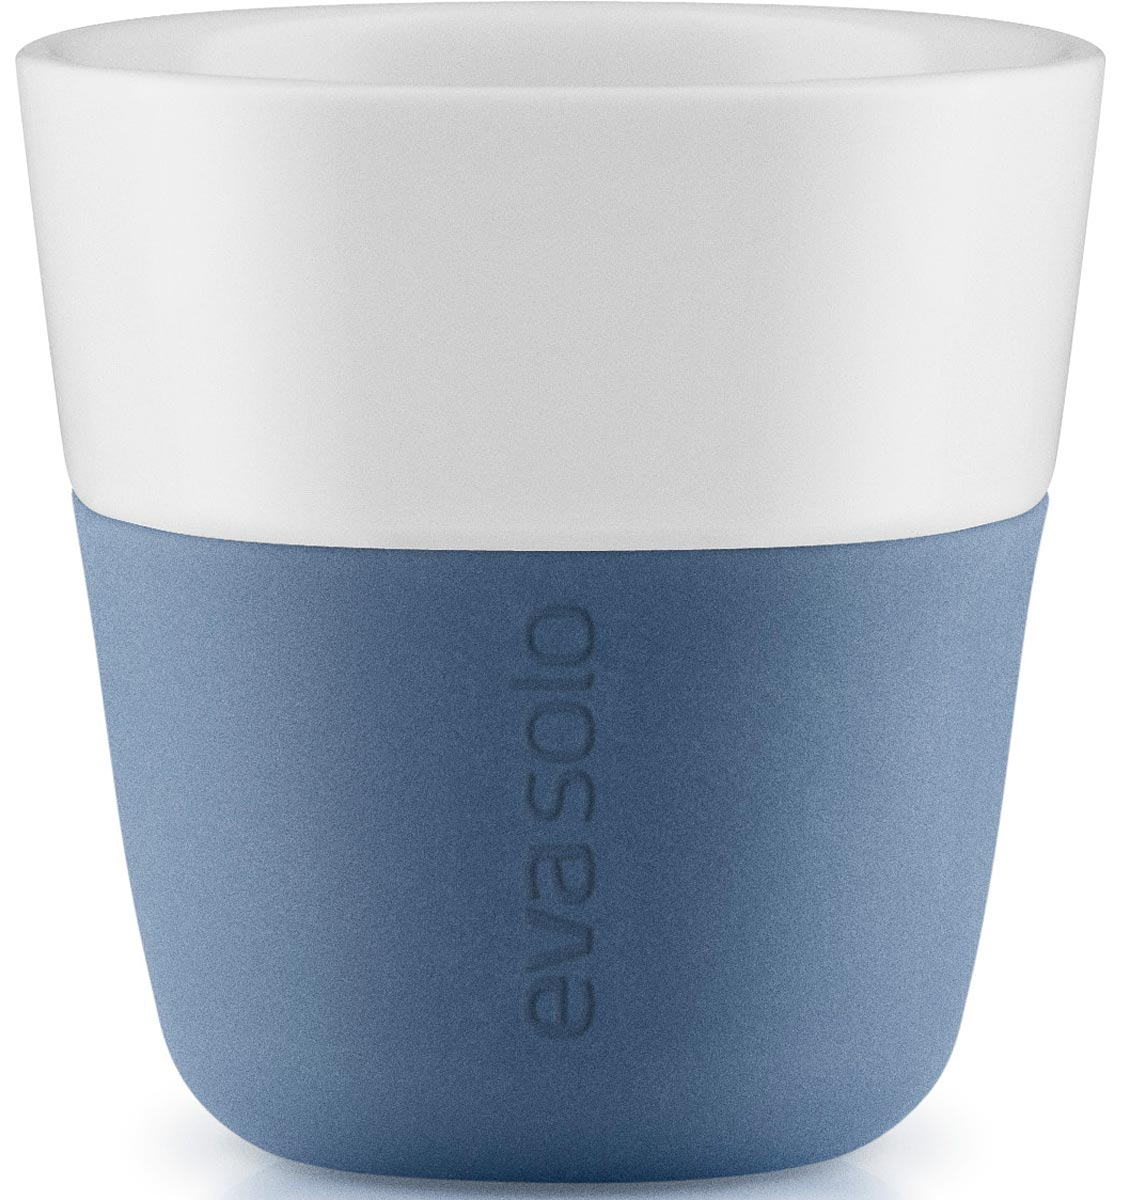 Чашка кофейная Eva Solo, цвет: голубой, 80 мл, 2 шт501038Eva Solo разработала новые стаканы различной емкости, для трех самых популярных видов кофе - эспрессо (80мл), лунго (230мл) и латте (360мл). В них помещается именно то количество молока и пены, которая соответствует стандартным параметрам на популярные капусльные кофе-машины. Другими словами, вы можете сварить ваш любимый кофе, используя такие кофе-машины как Nespresso, Dolce Gusto или Philips Senseo прямо в стакан. Чаши сделаны из фарфора с силиконовой оболочкой, которая обеспечивает хорошее сцепление с поверхностью, а так же предотвращая ожог пальцев. Стаканы можно мыть в посудомоечной машине предварительно сняв силиконовую часть.